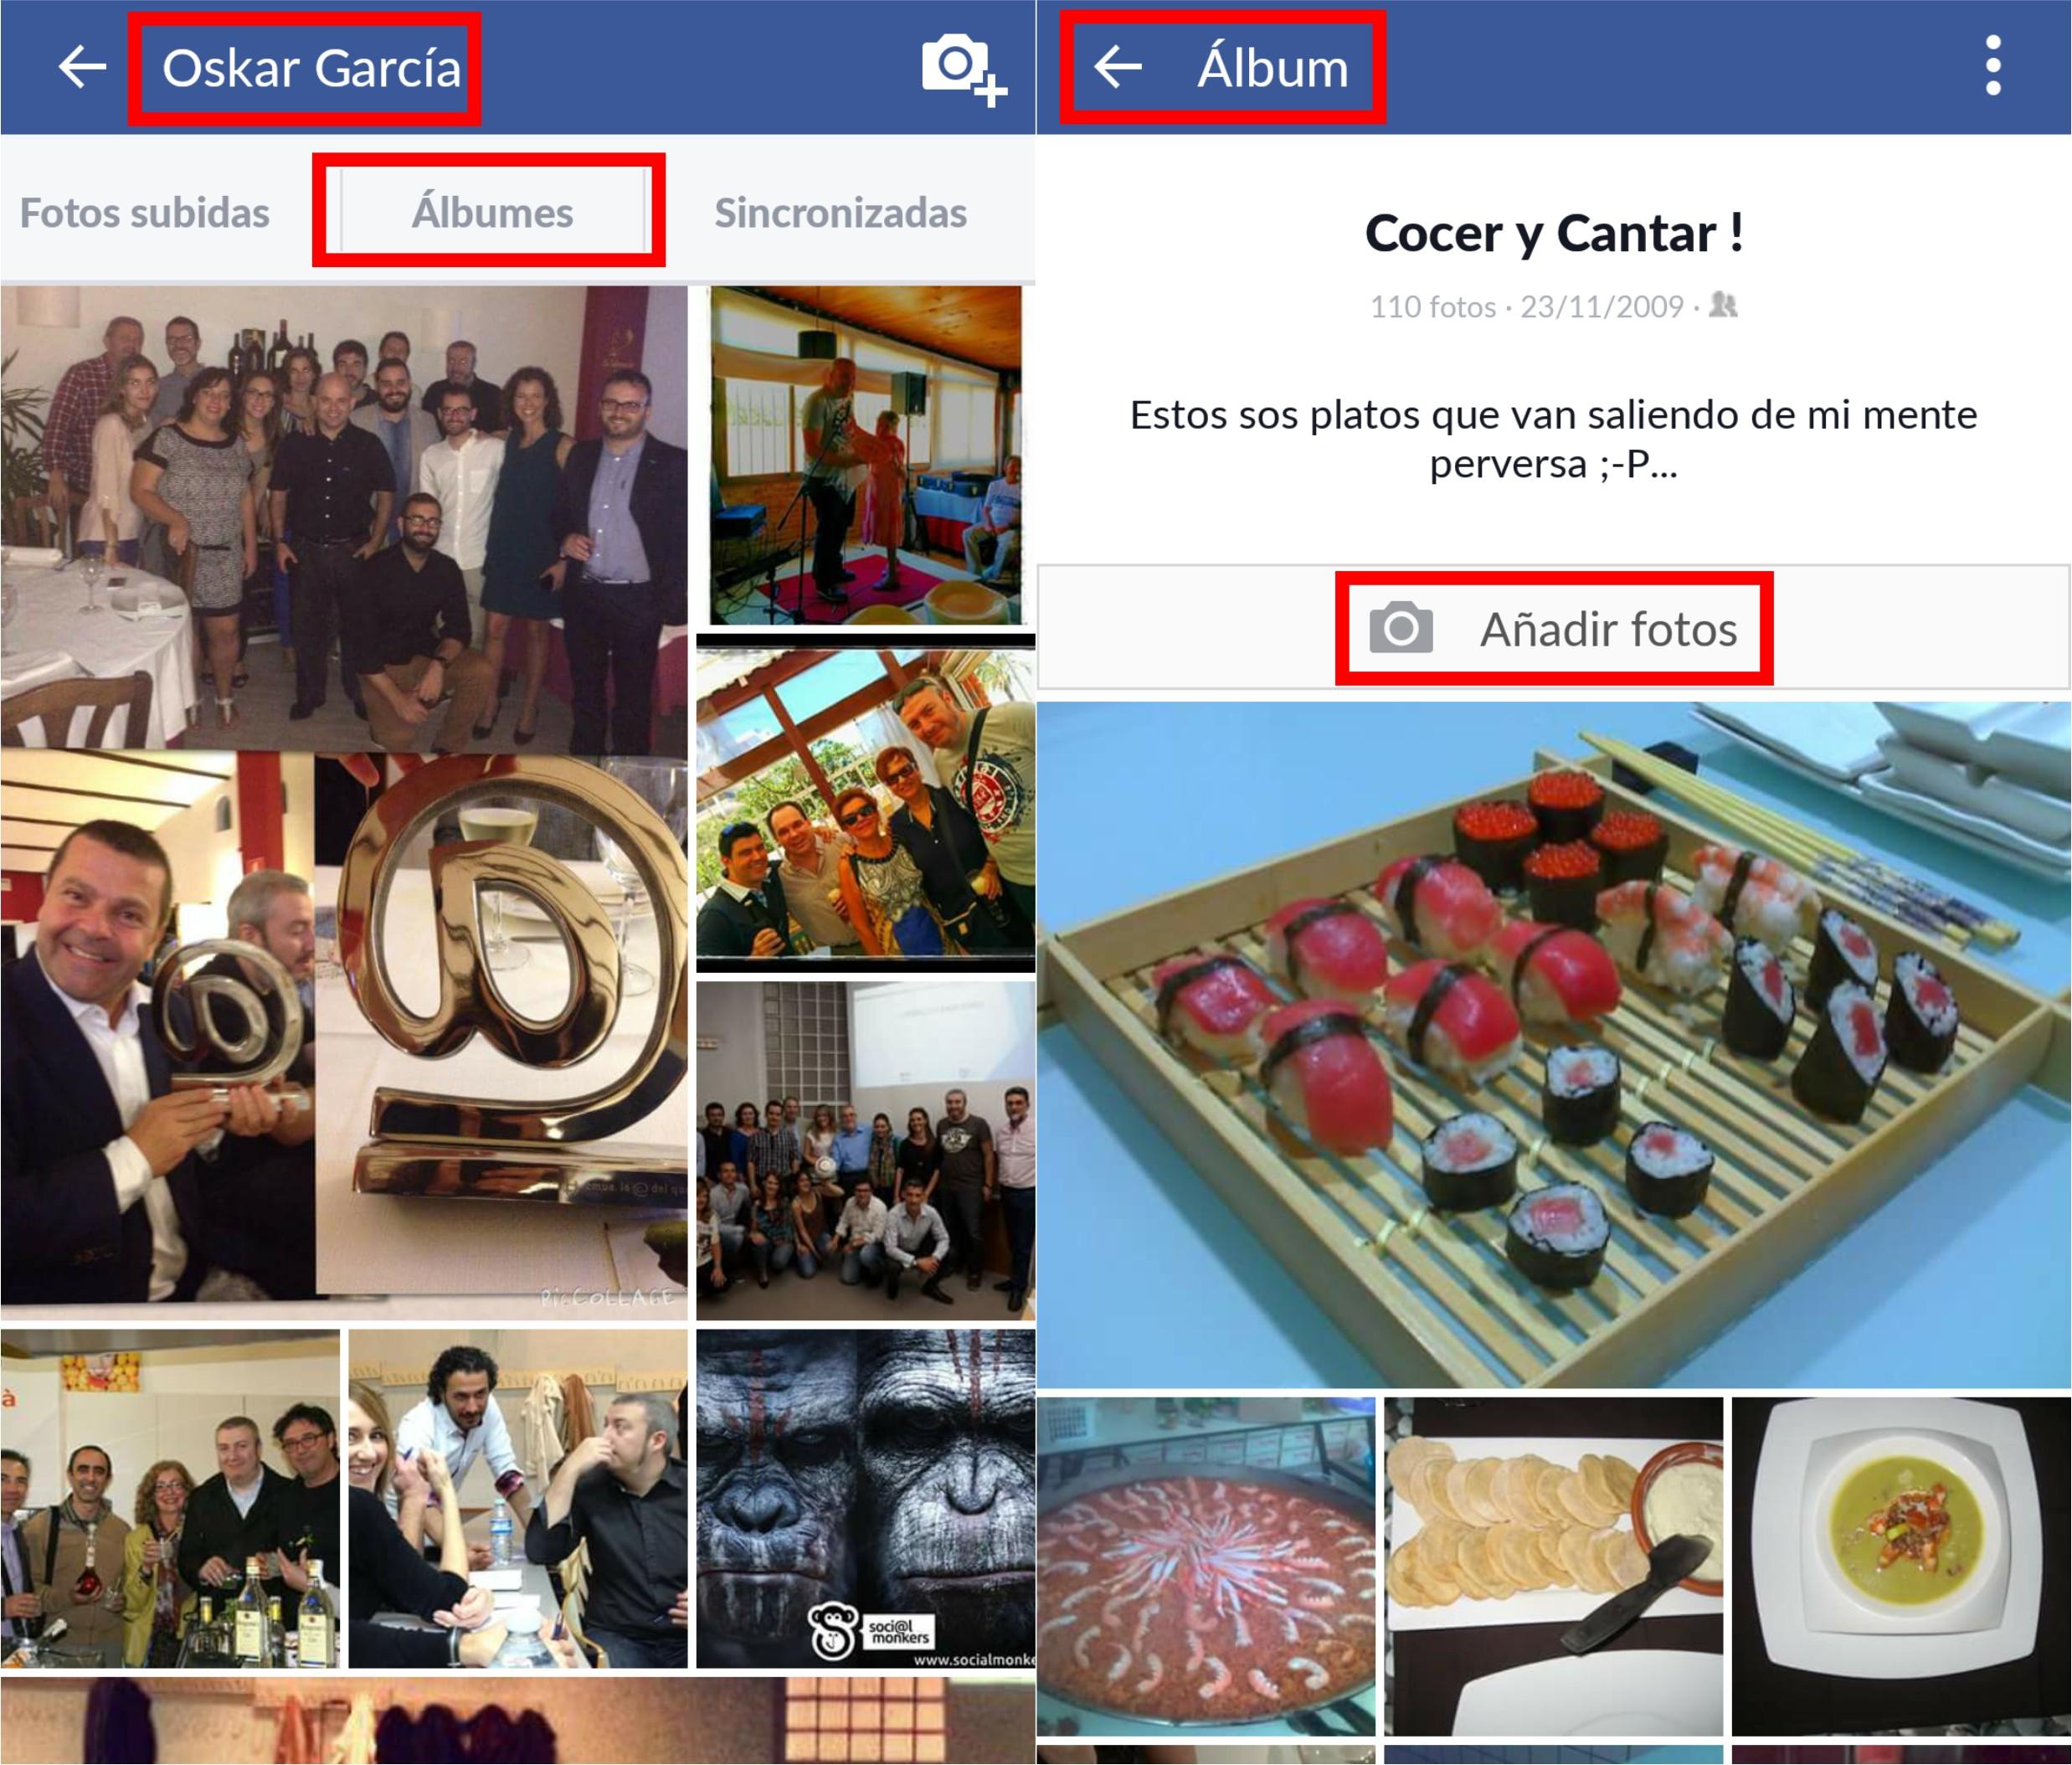 Cómo incluir varias imágenes a la vez en una publicación de Facebook ...